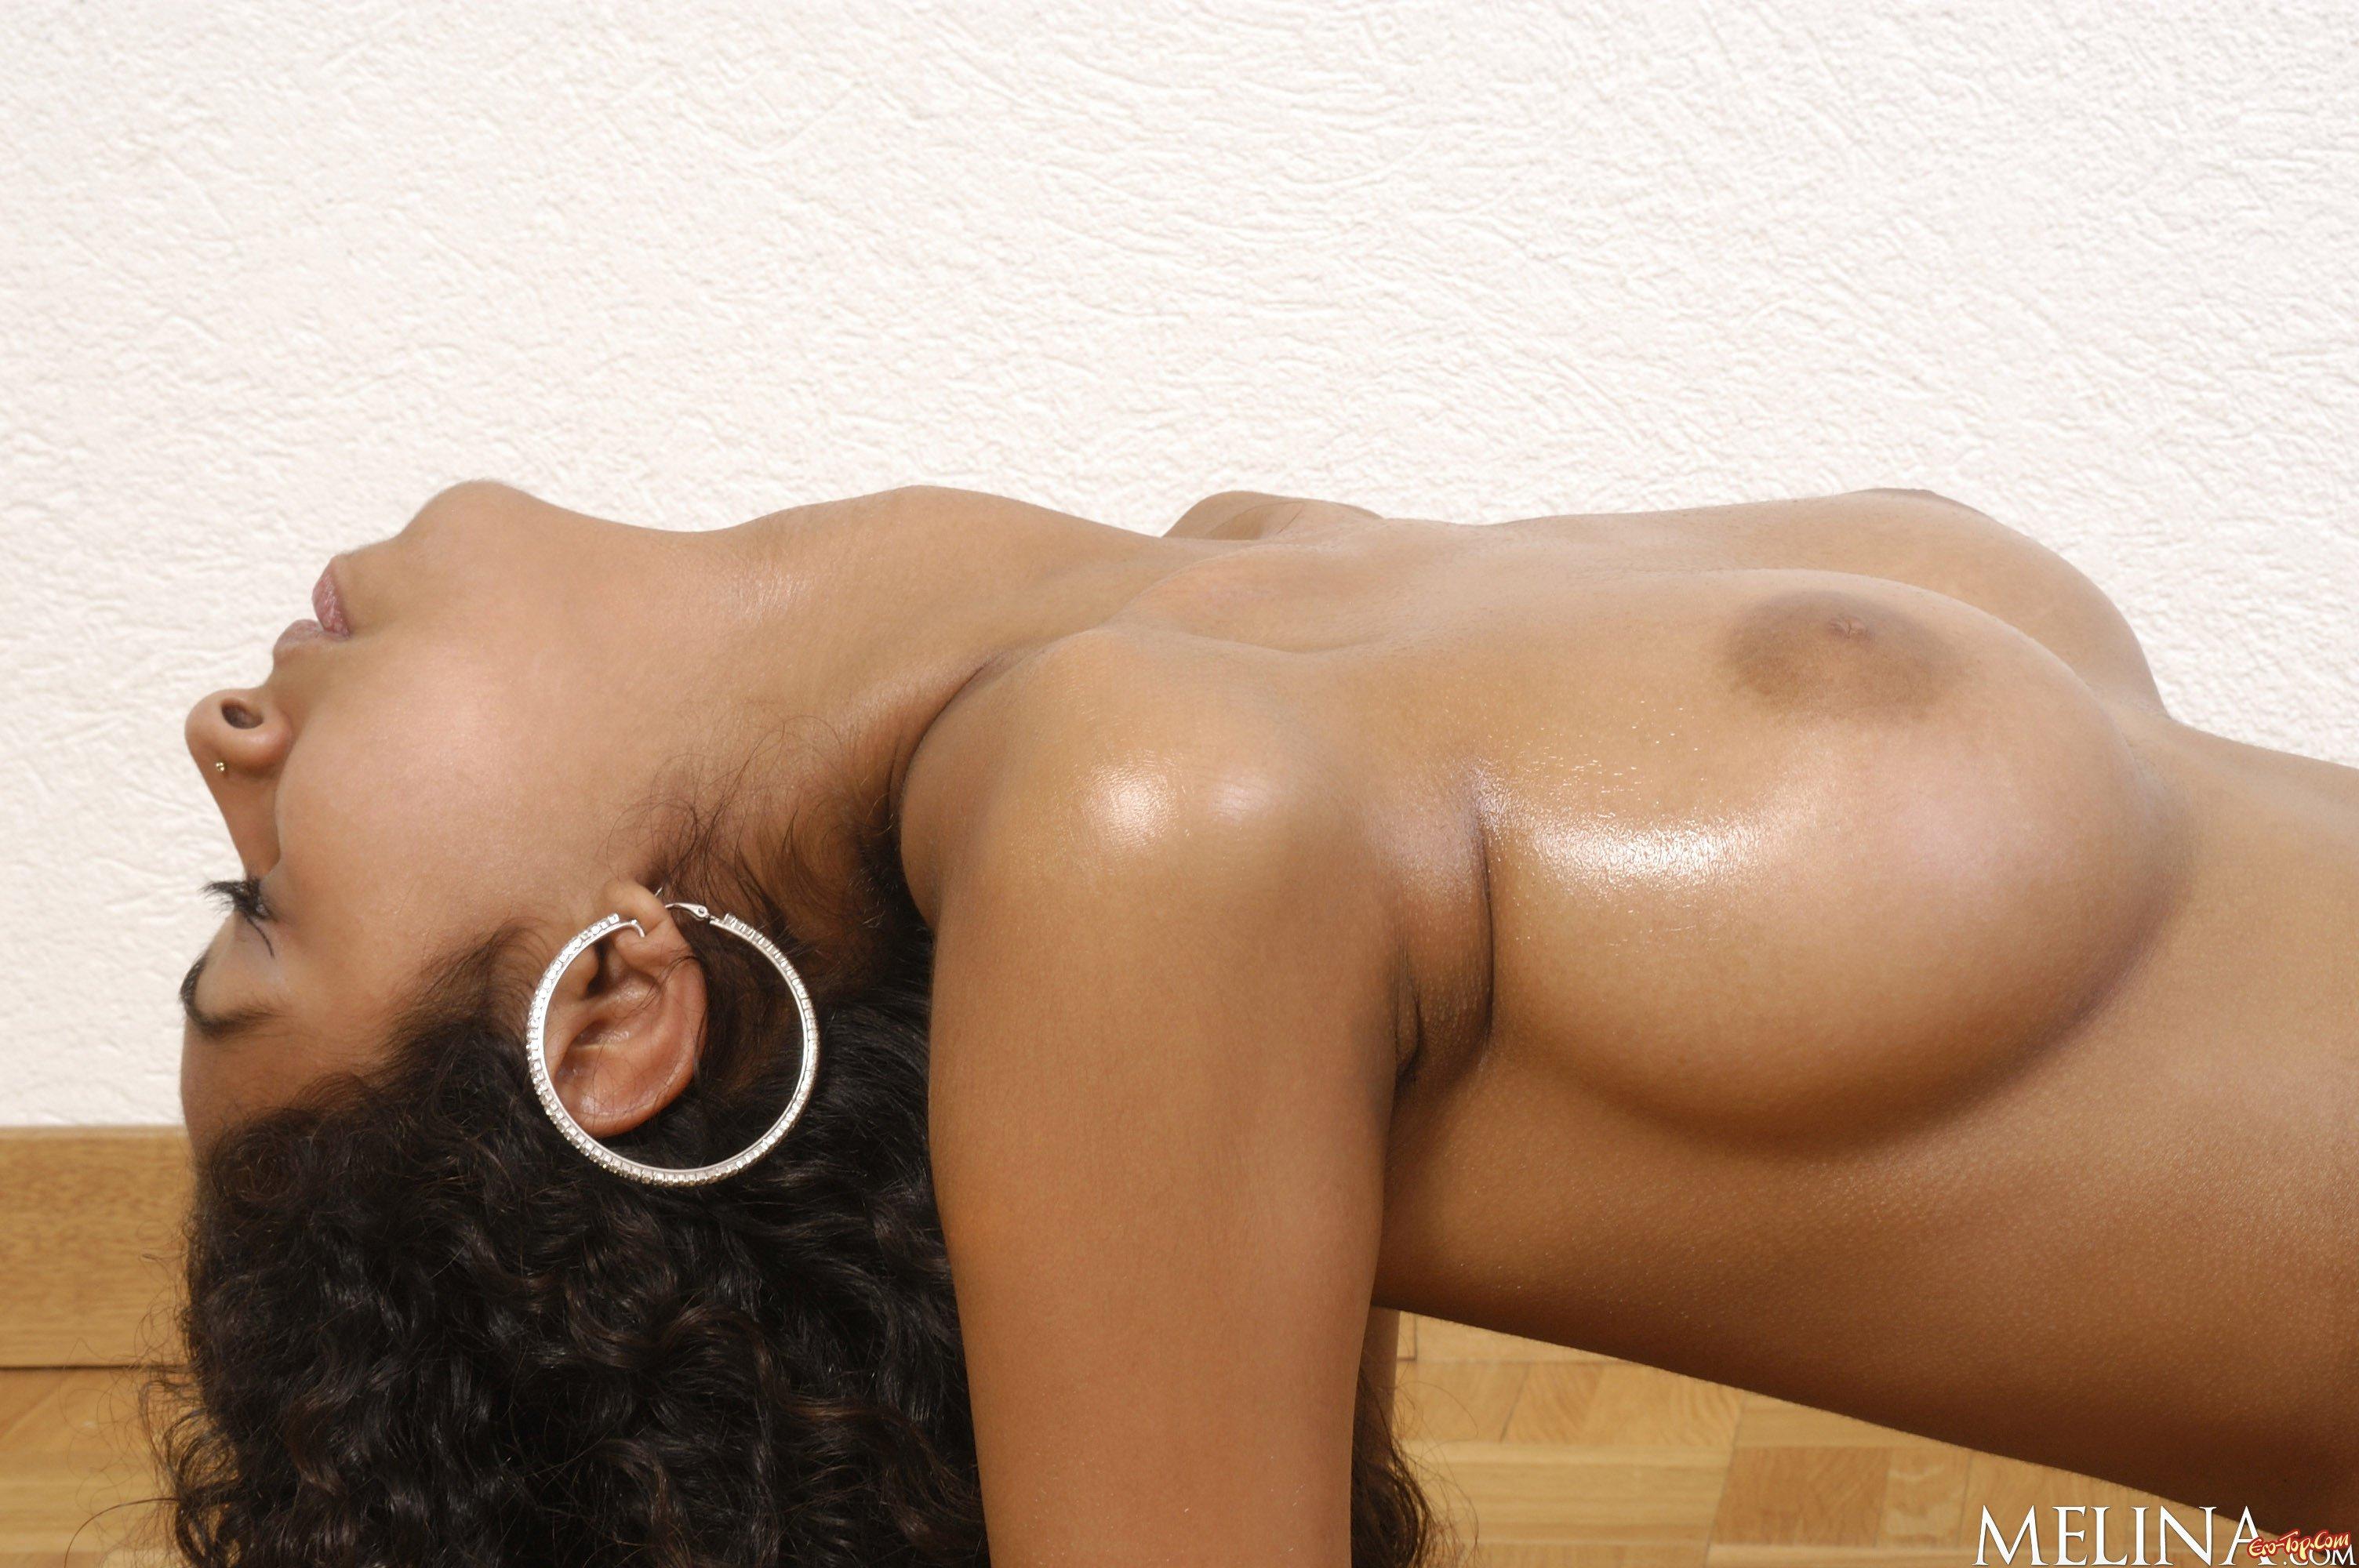 tyra moore big natural breasts 10